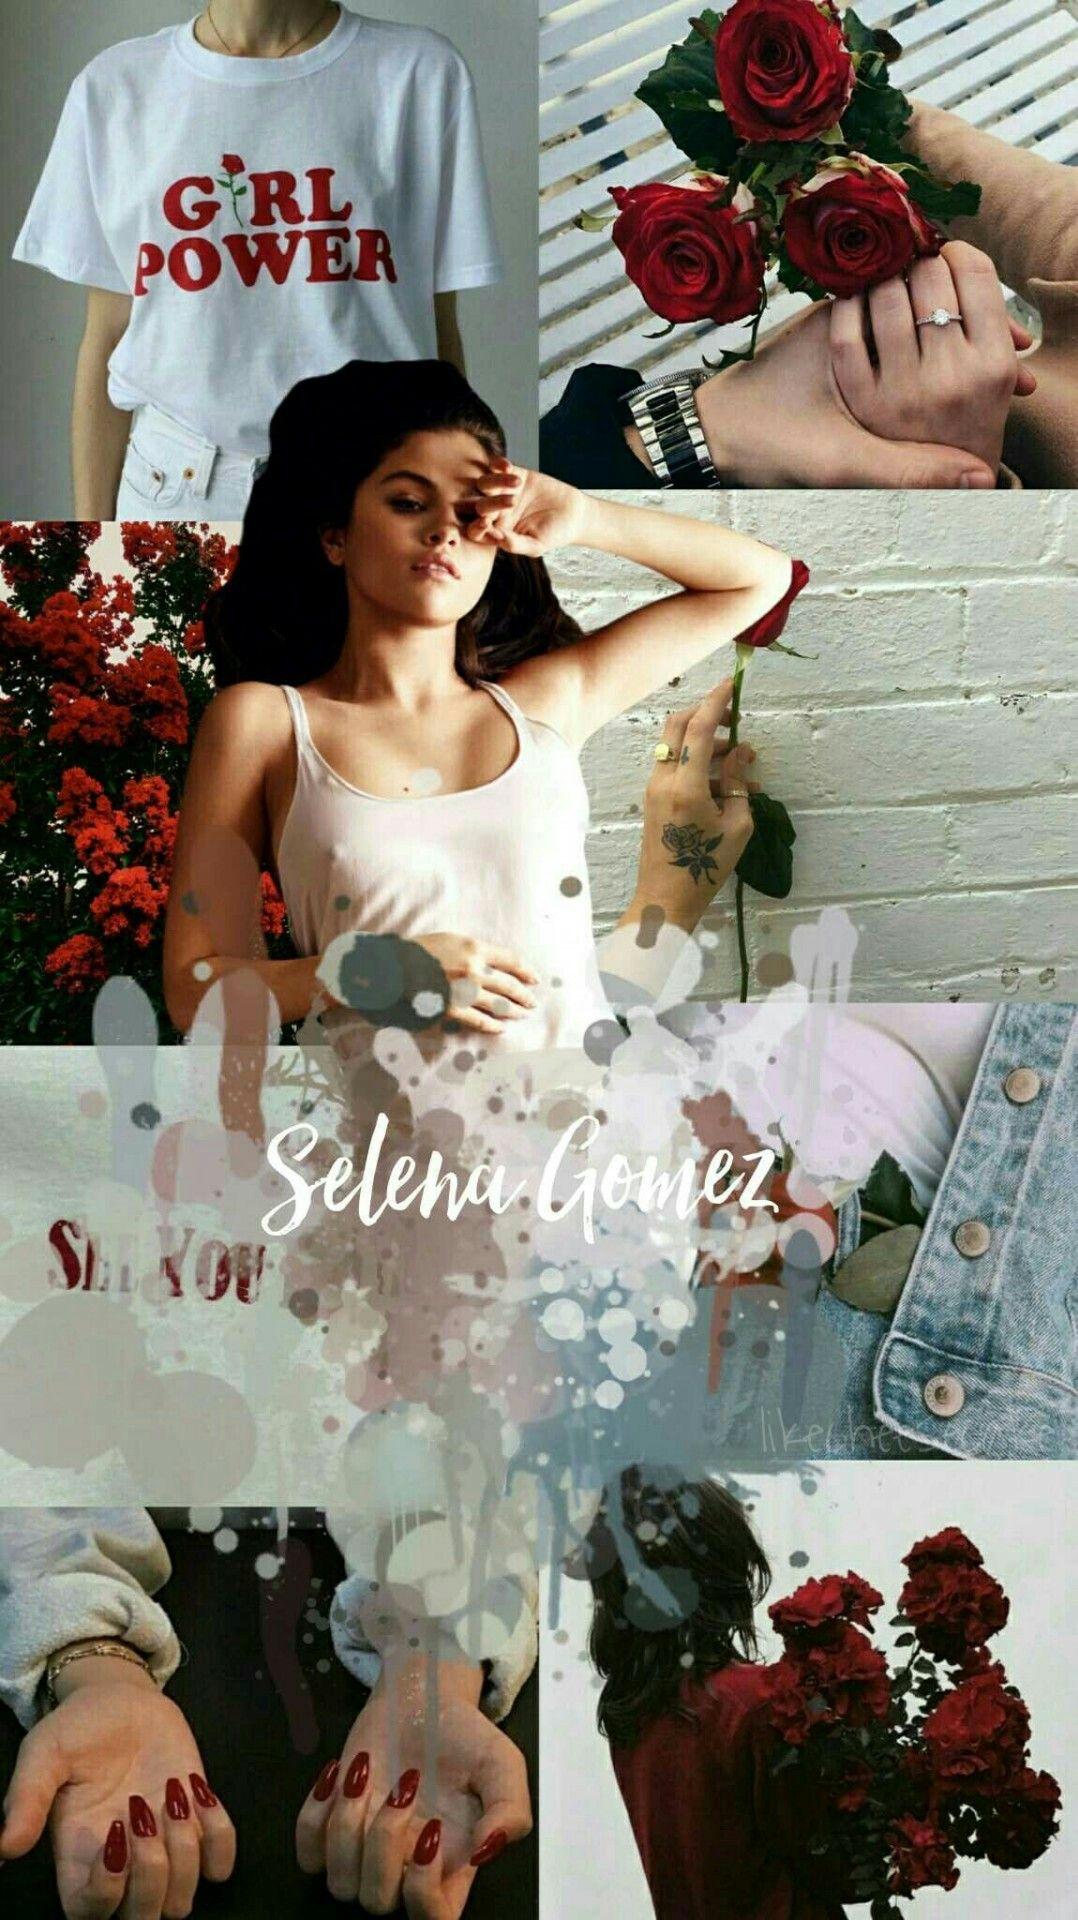 Selena Gomez Aesthetic Wallpaper Selena Gomez Wallpaper Selena Gomez Background Selena Gomez